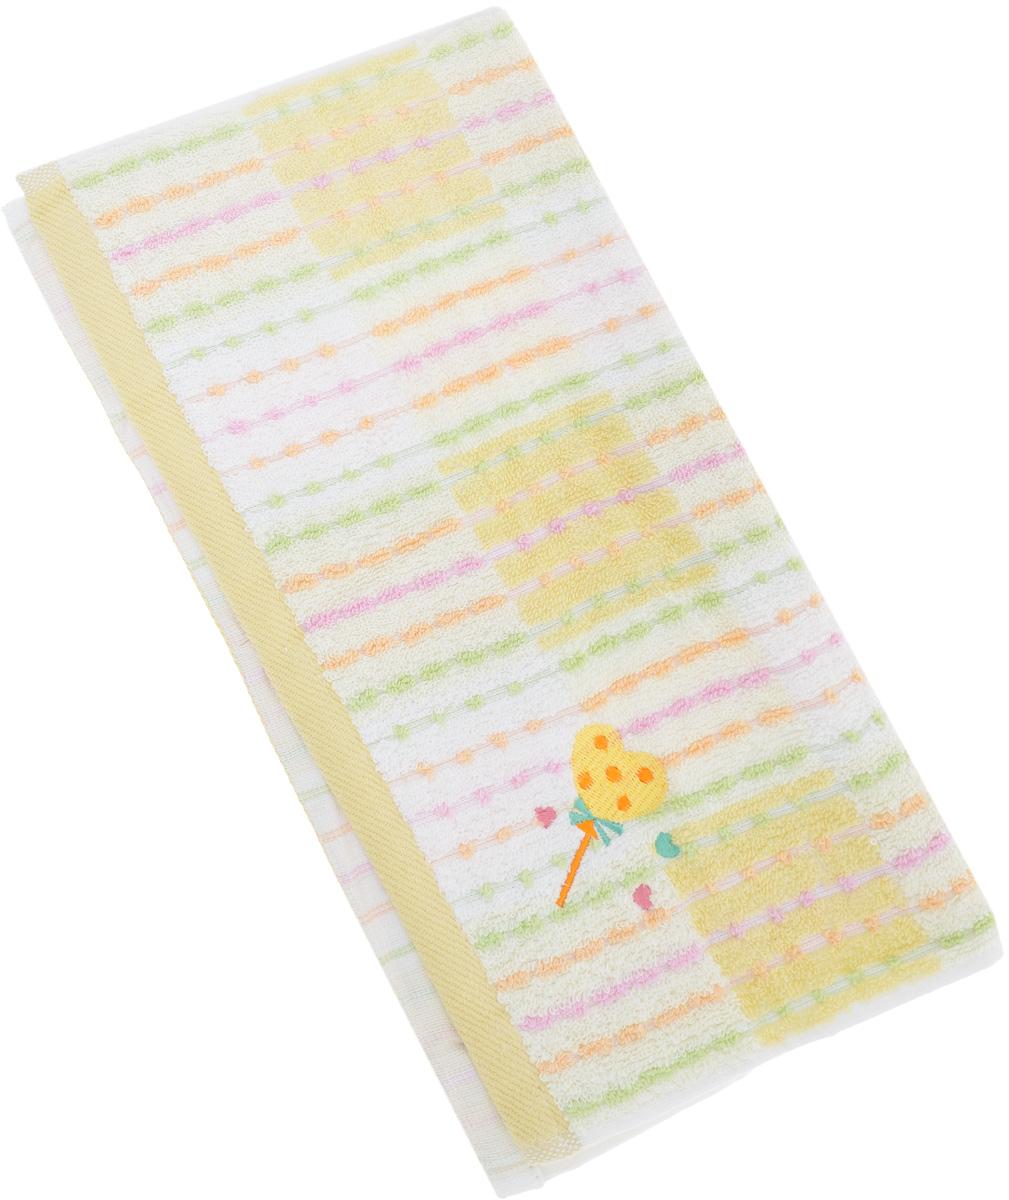 Полотенце Soavita Premium. Marni, цвет: бежевый, 33 х 76 см62919Полотенце Soavita Premium. Marni выполнено из 100% хлопка. Изделие отлично впитывает влагу, быстро сохнет, сохраняет яркость цвета и не теряет форму даже после многократных стирок. Полотенце очень практично и неприхотливо в уходе. Оно создаст прекрасное настроение и украсит интерьер в ванной комнате.